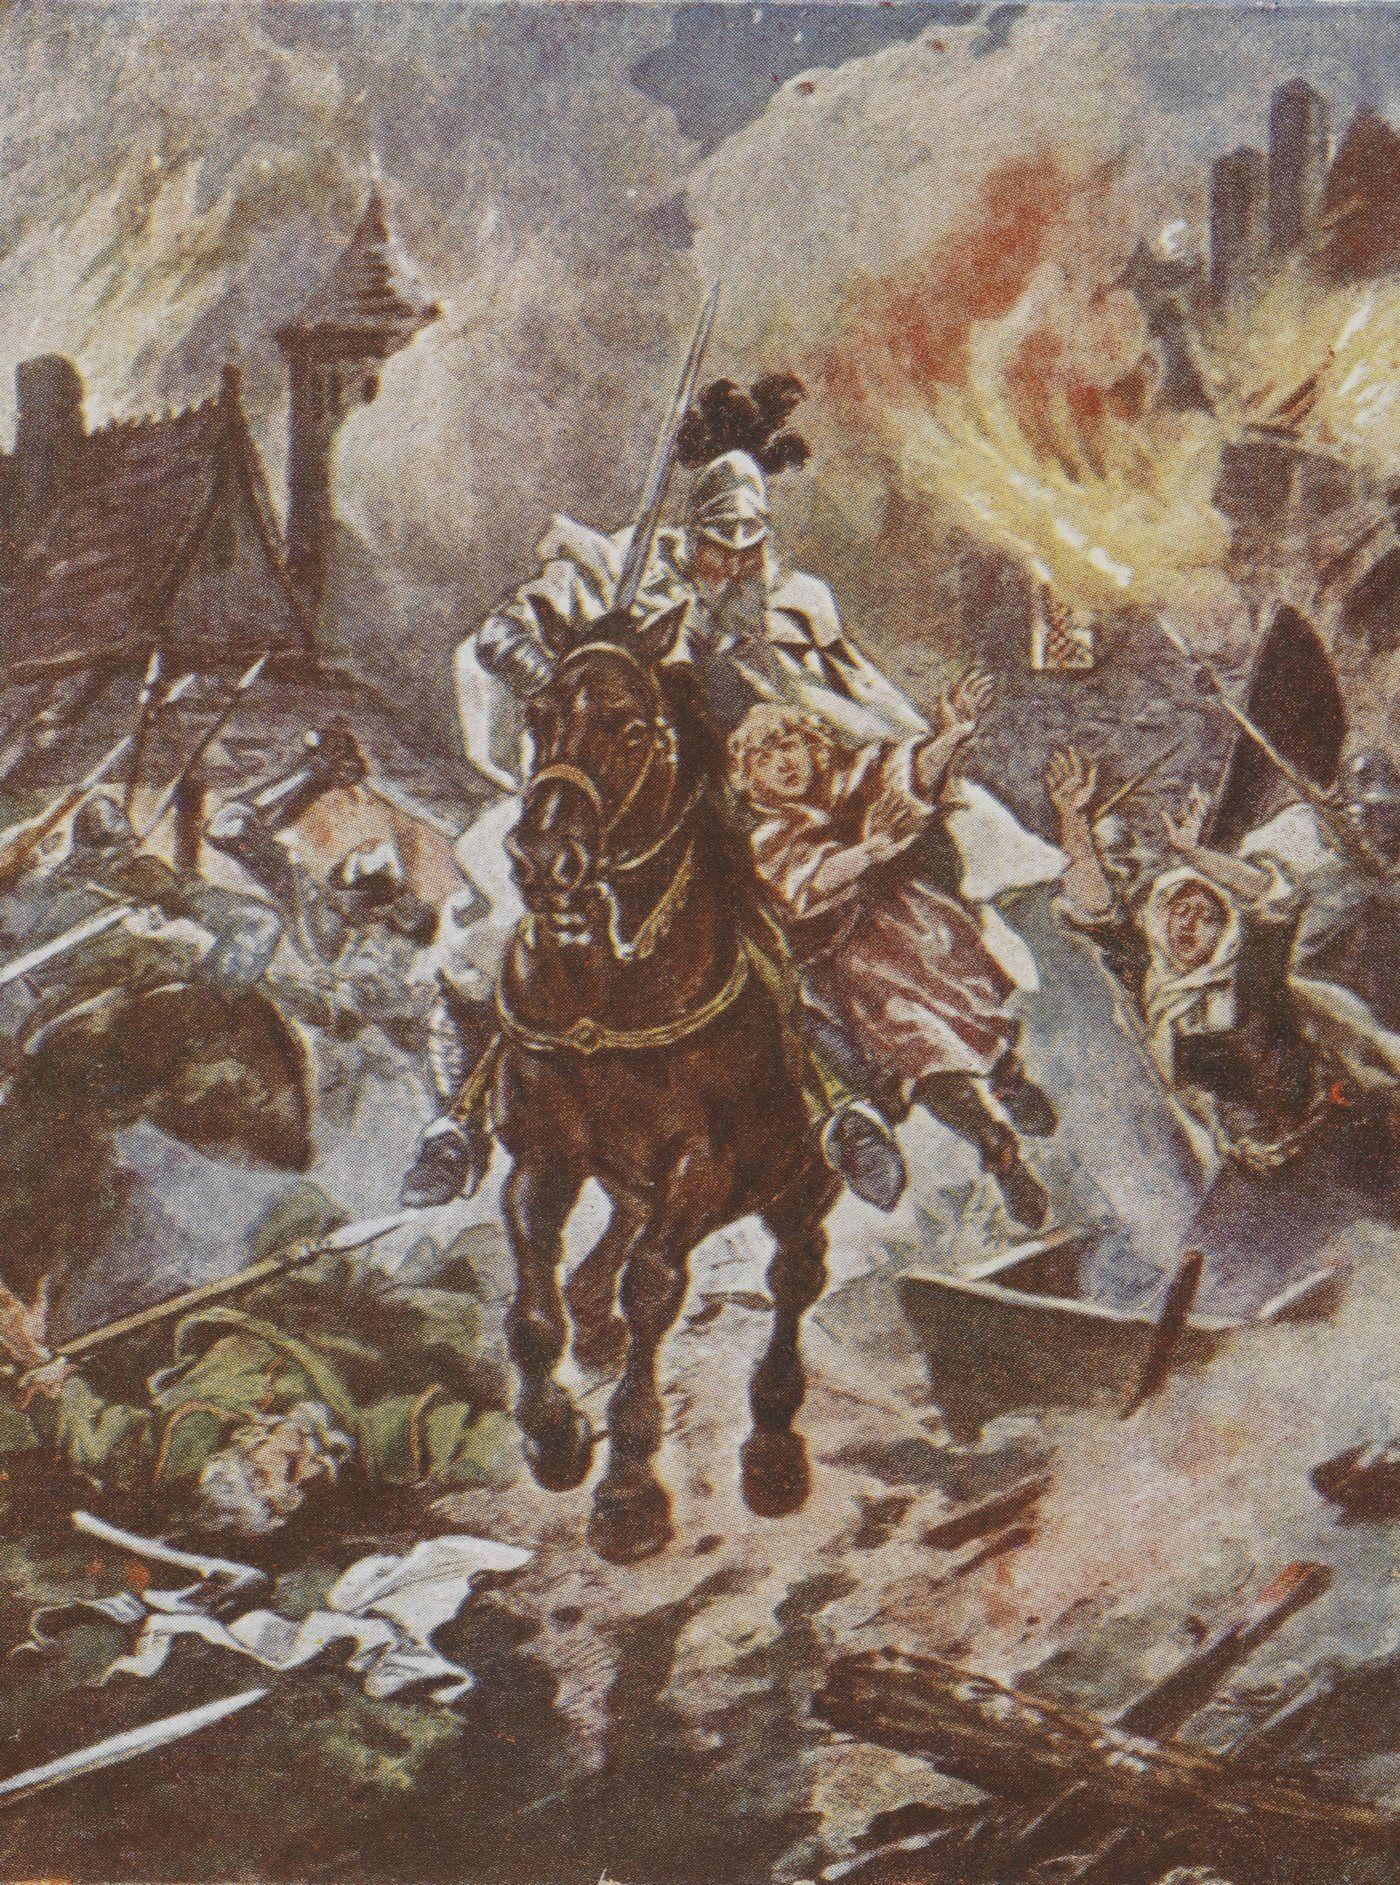 Zdaniem profesora Chwalby, gdyby nie doszło do rozbicia dzielnicowego, nie trzeba byłoby również sprowadzać Krzyżaków do walki z Prusami.